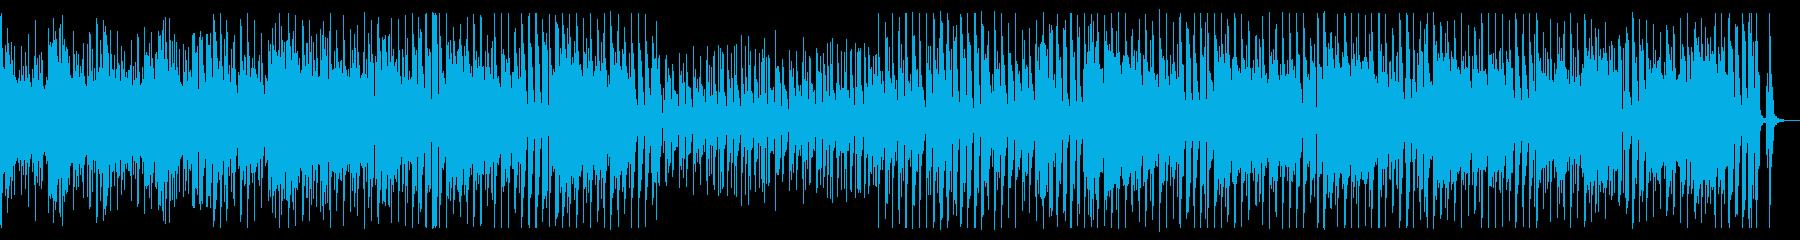 散歩。ポップス_5の再生済みの波形